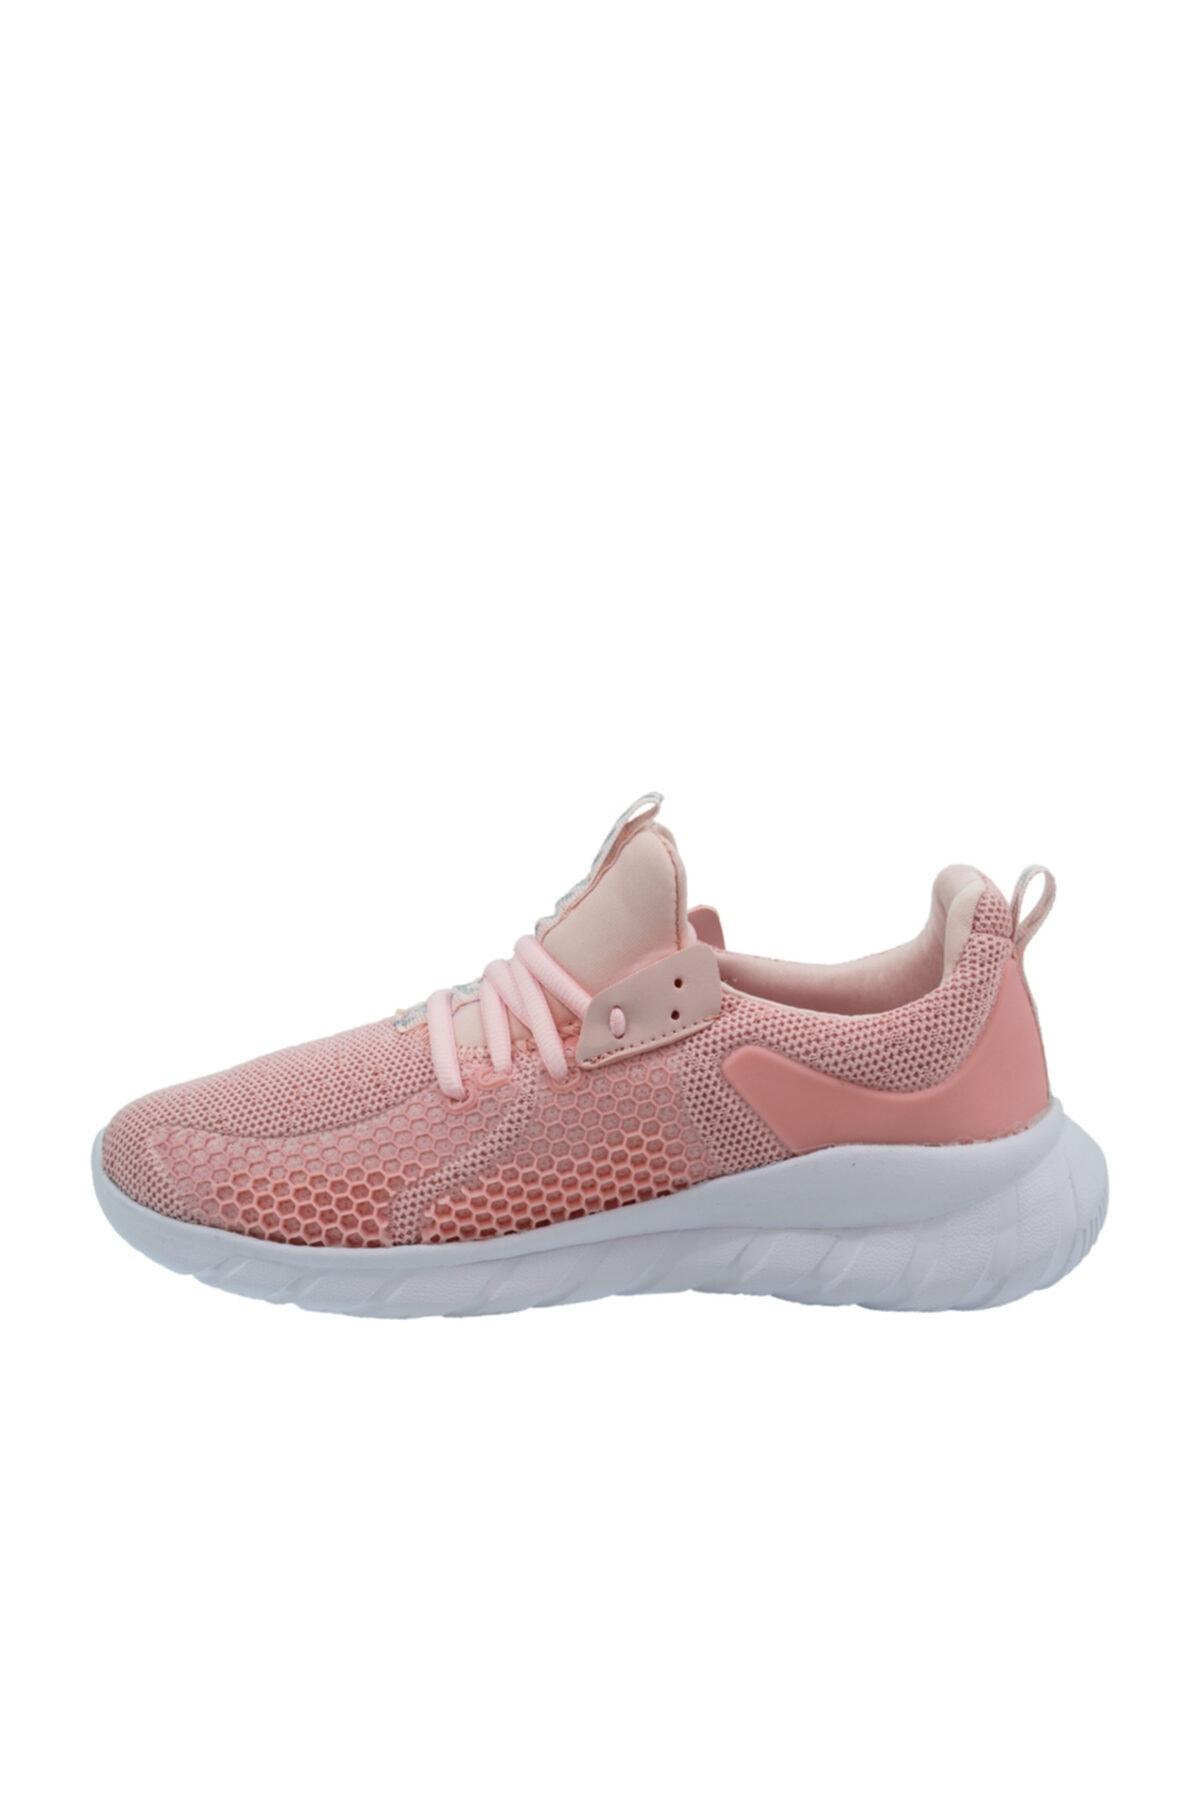 Cansas Kadın Pembe Spor Ayakkabı